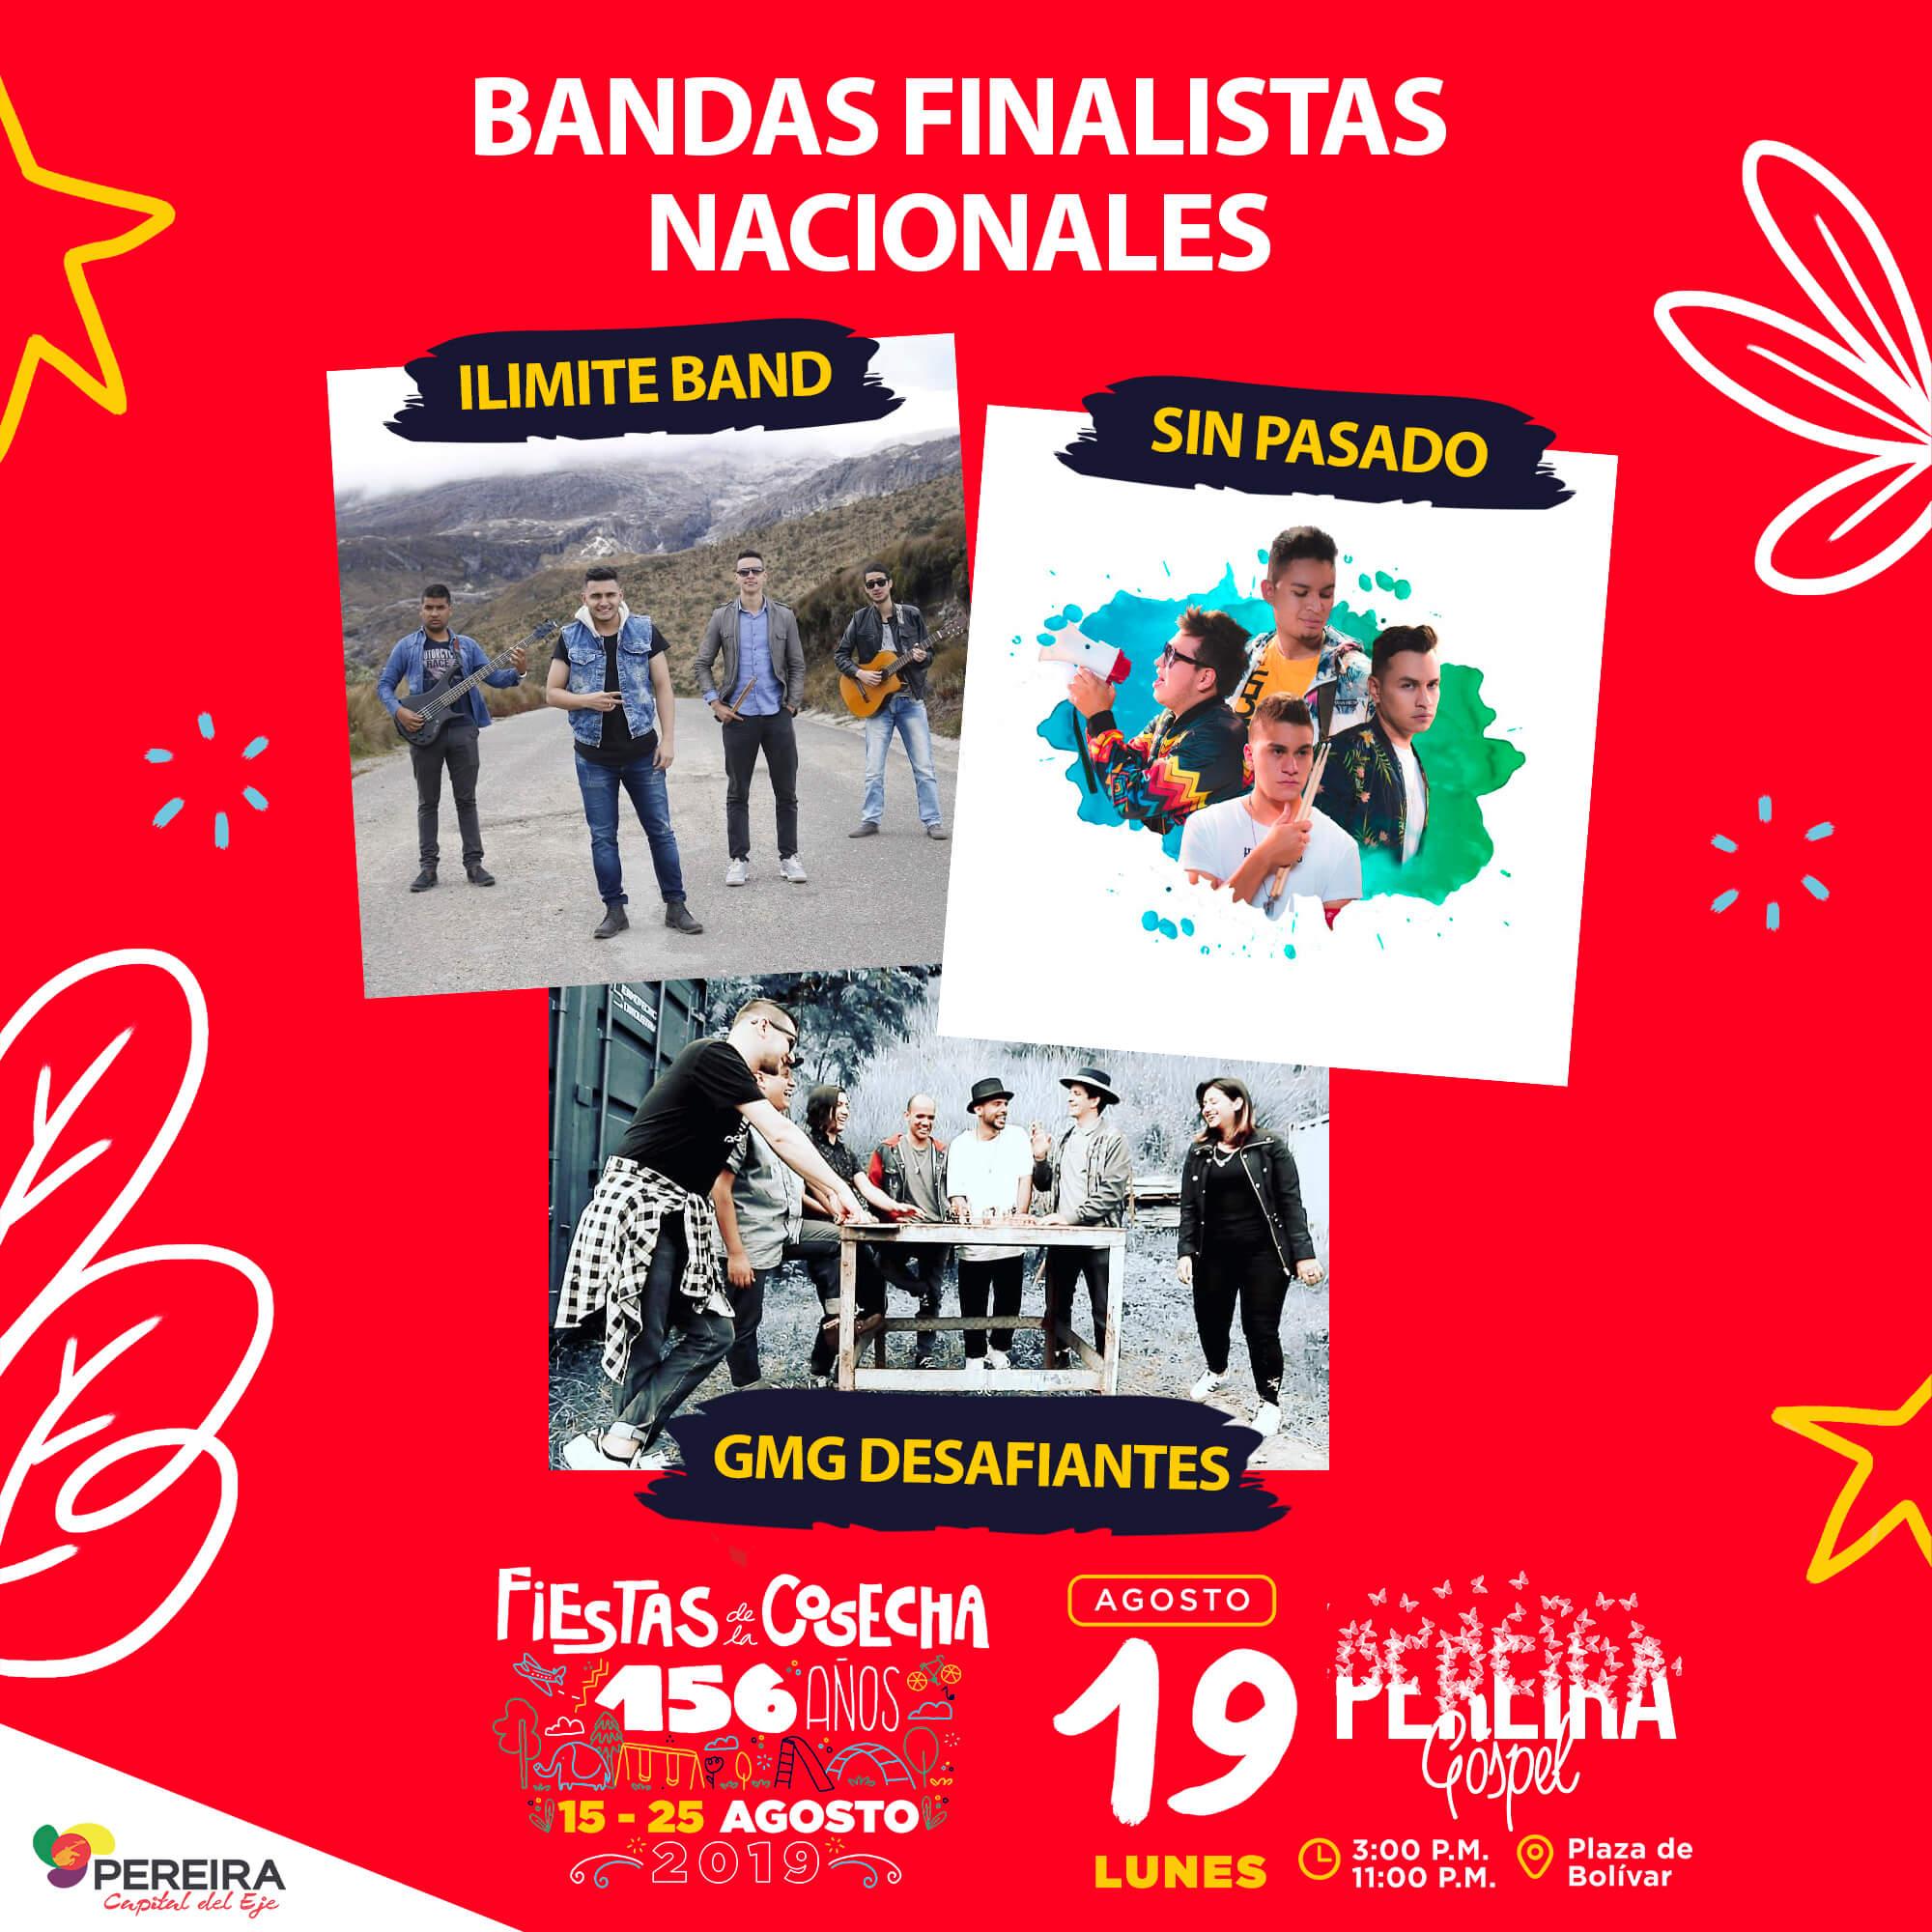 Bandas finalistas nacionales